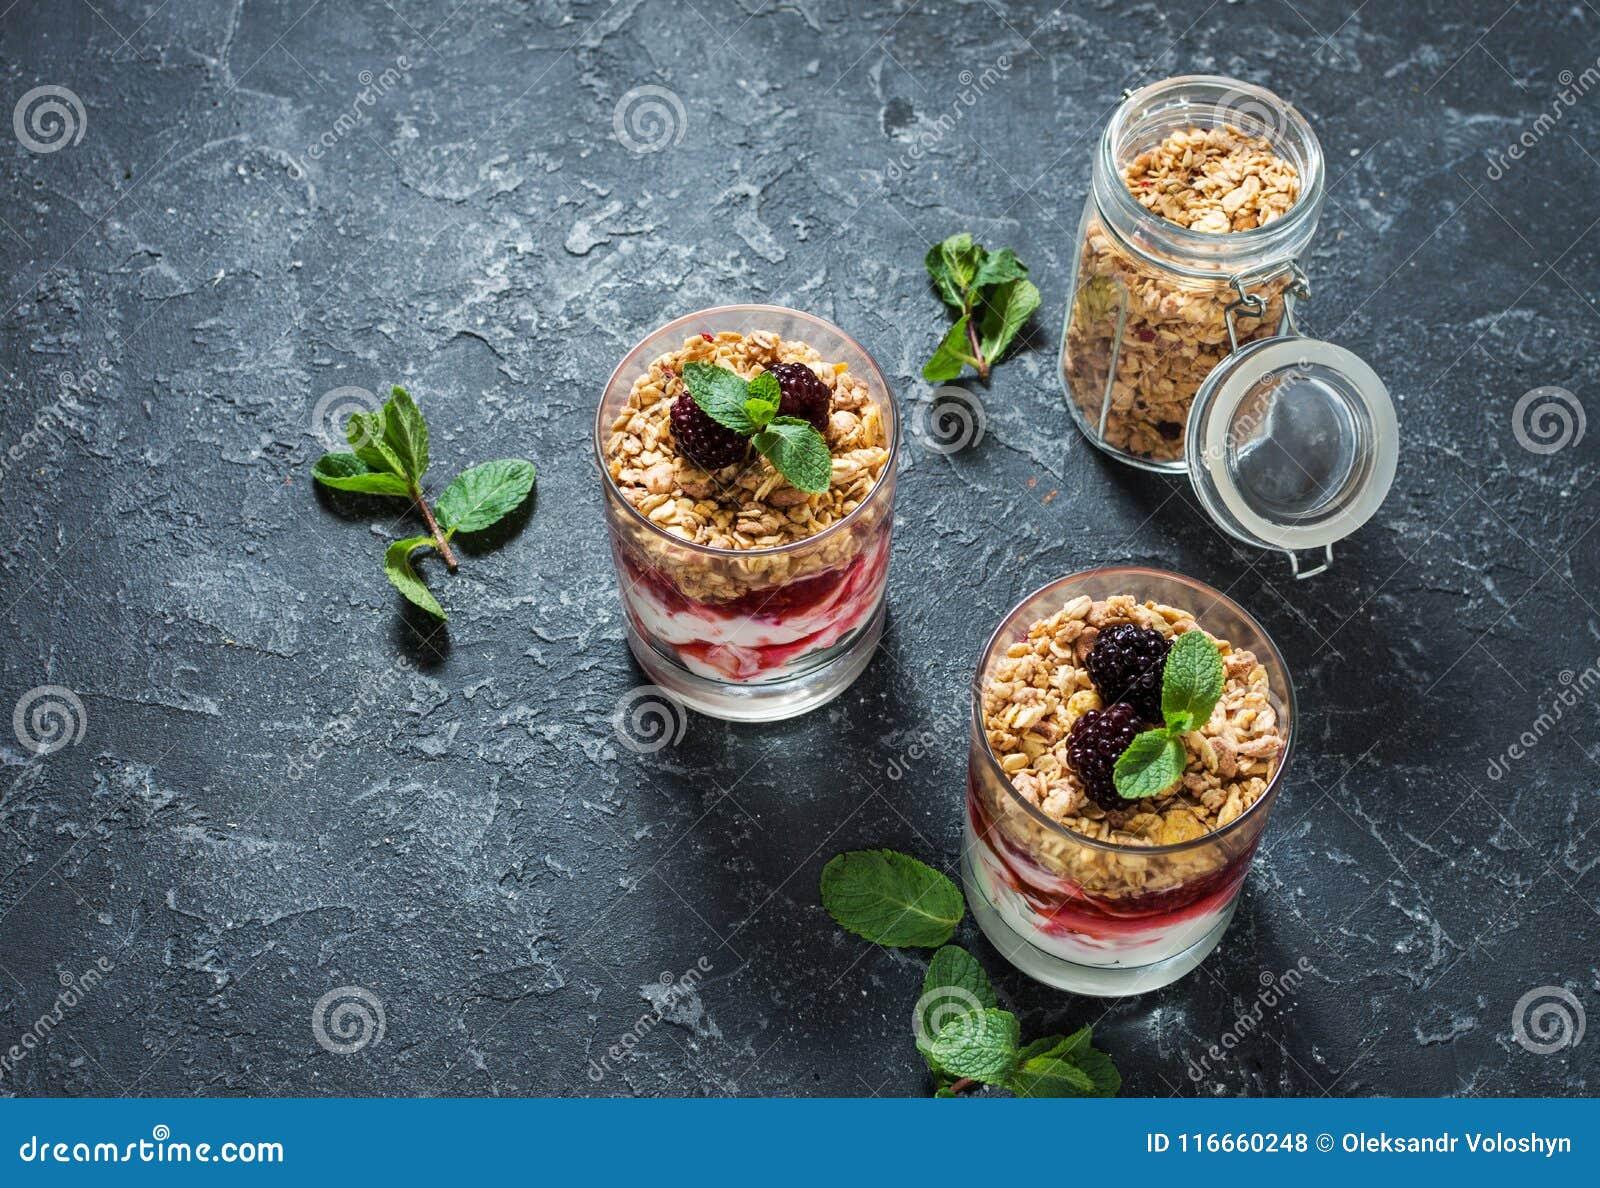 Gesunder überlagerter Nachtisch mit Jogurt, Granola, Stau, Brombeere im Glas auf Steinhintergrund